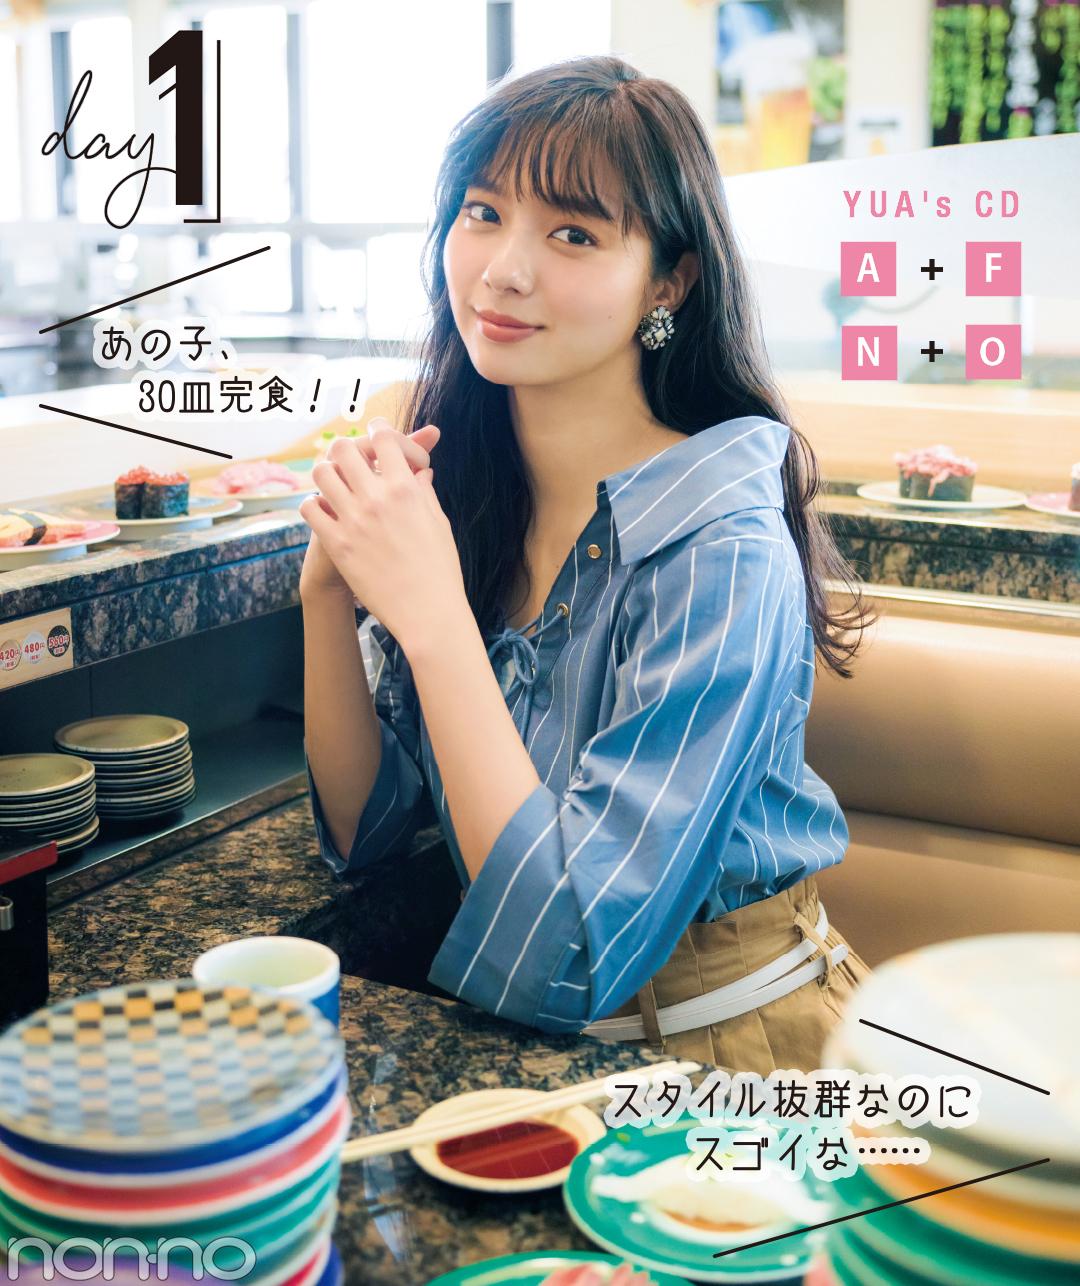 【夏のシャツコーデ】新川優愛は、ストライプシャツ×チノパンで大人っぽコーデ